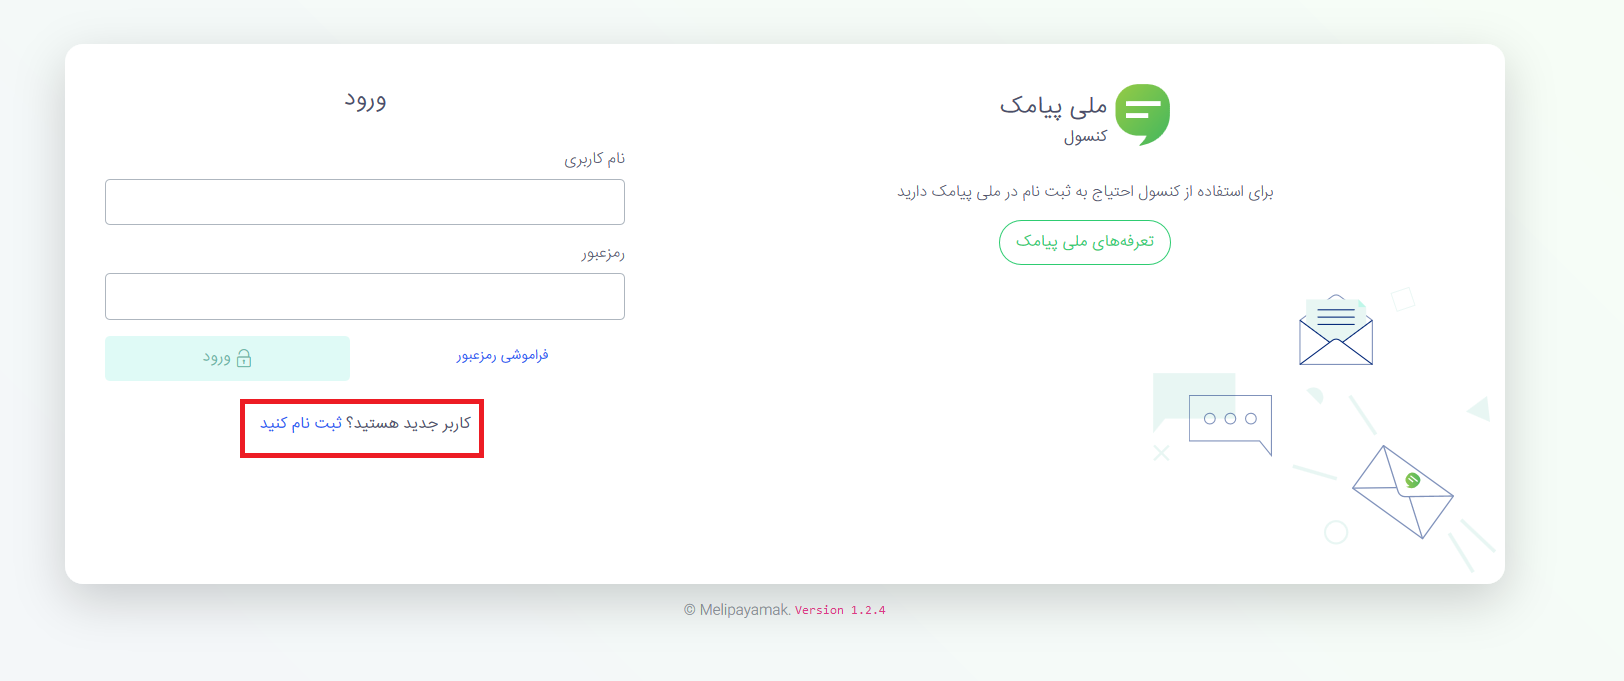 صفحه ورود و ثبتنام کنسول ملی پیامک